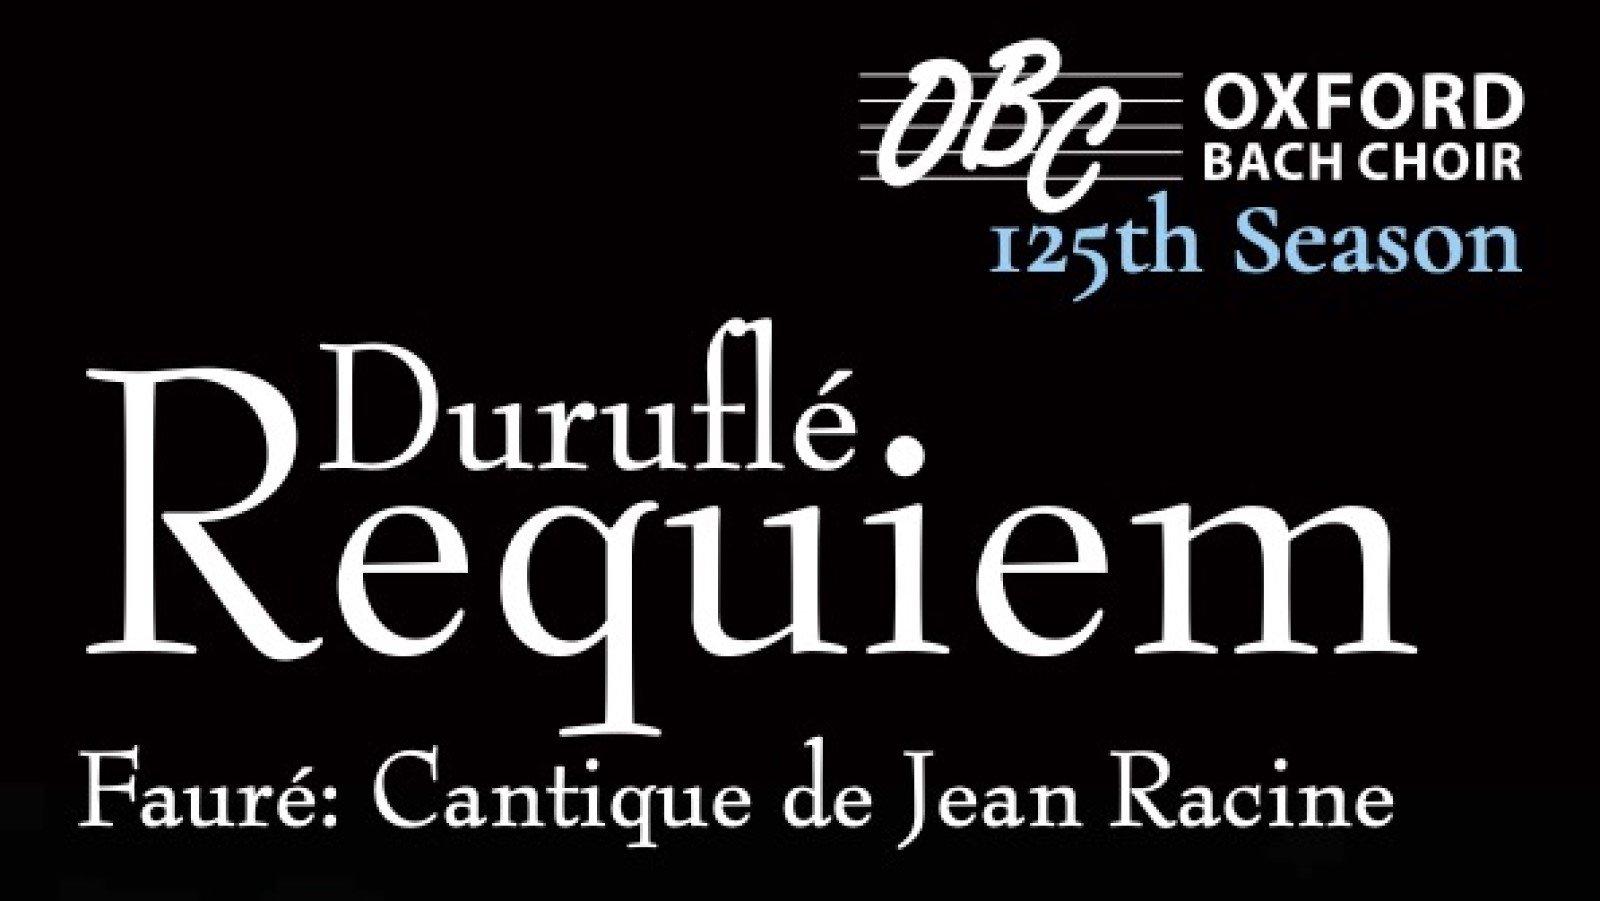 Duruflé, Requiem & Fauré, Cantique de Jean Racine by Oxford Bach Choir